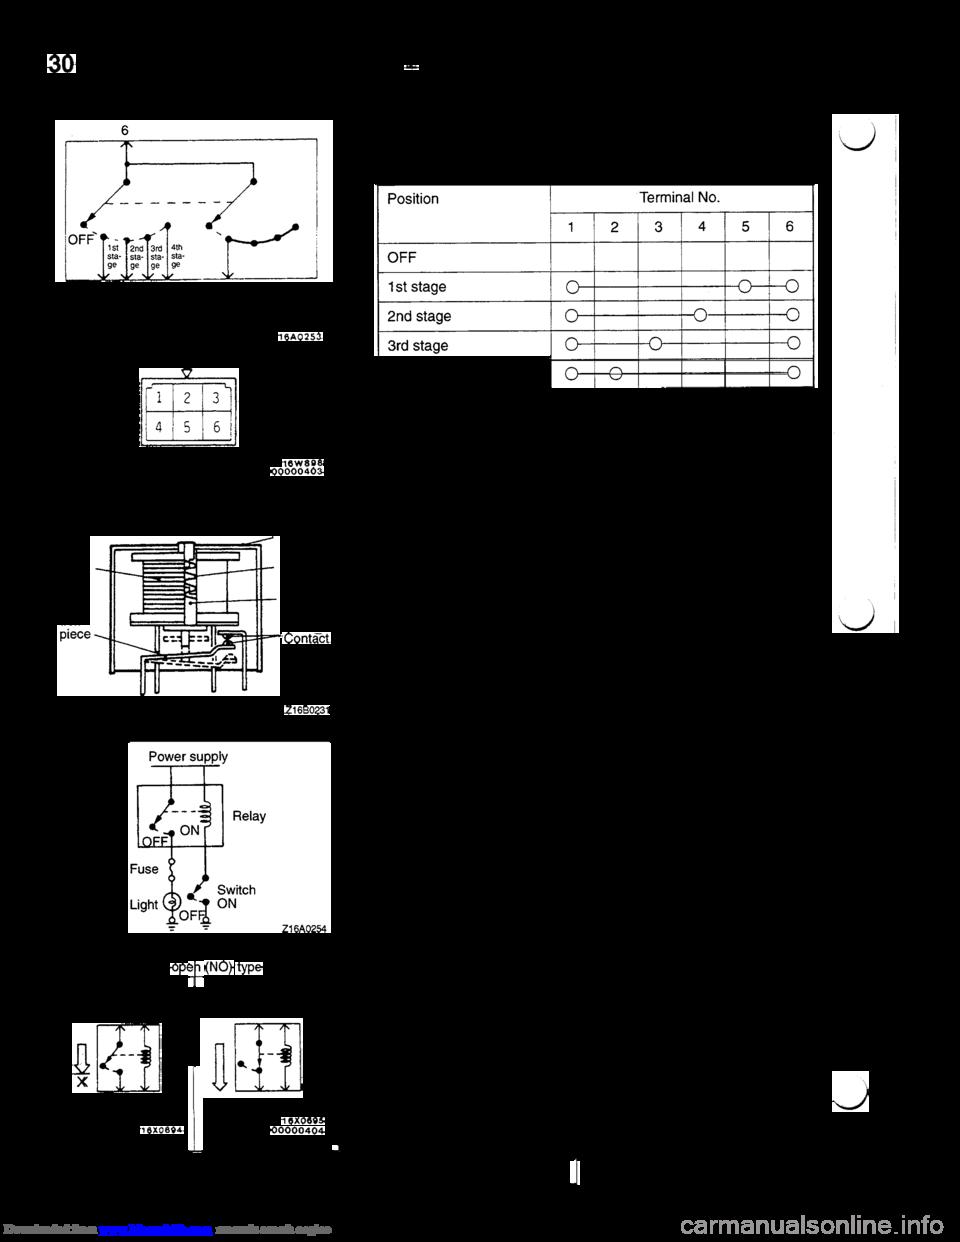 3000gt Part Diagram Wiring Schematic